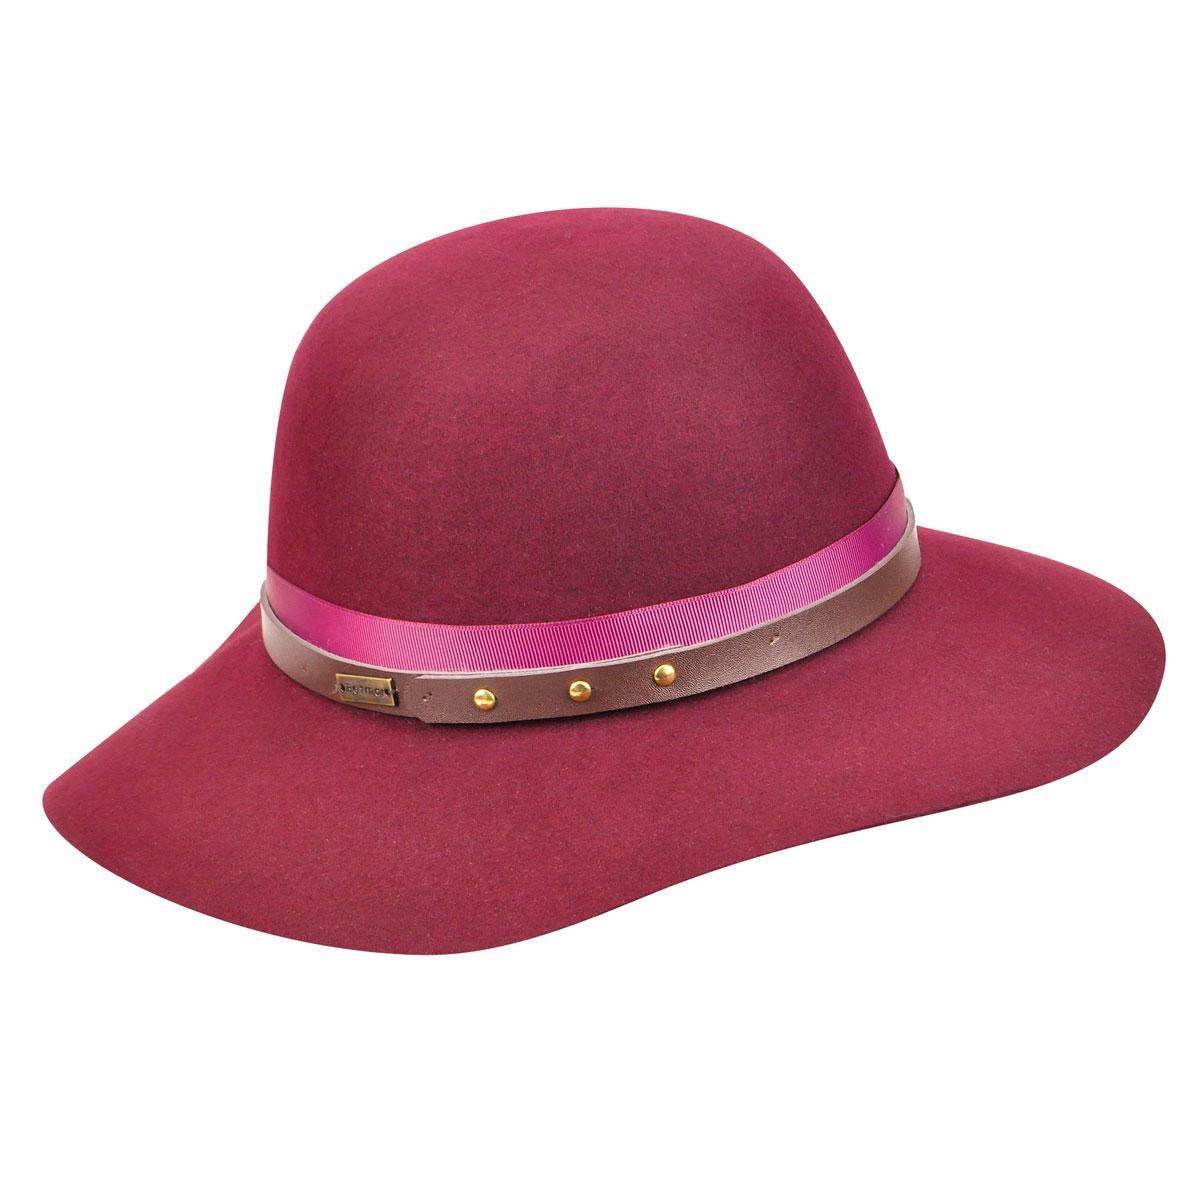 Betmar Hayden Floppy Hat in Cranberry